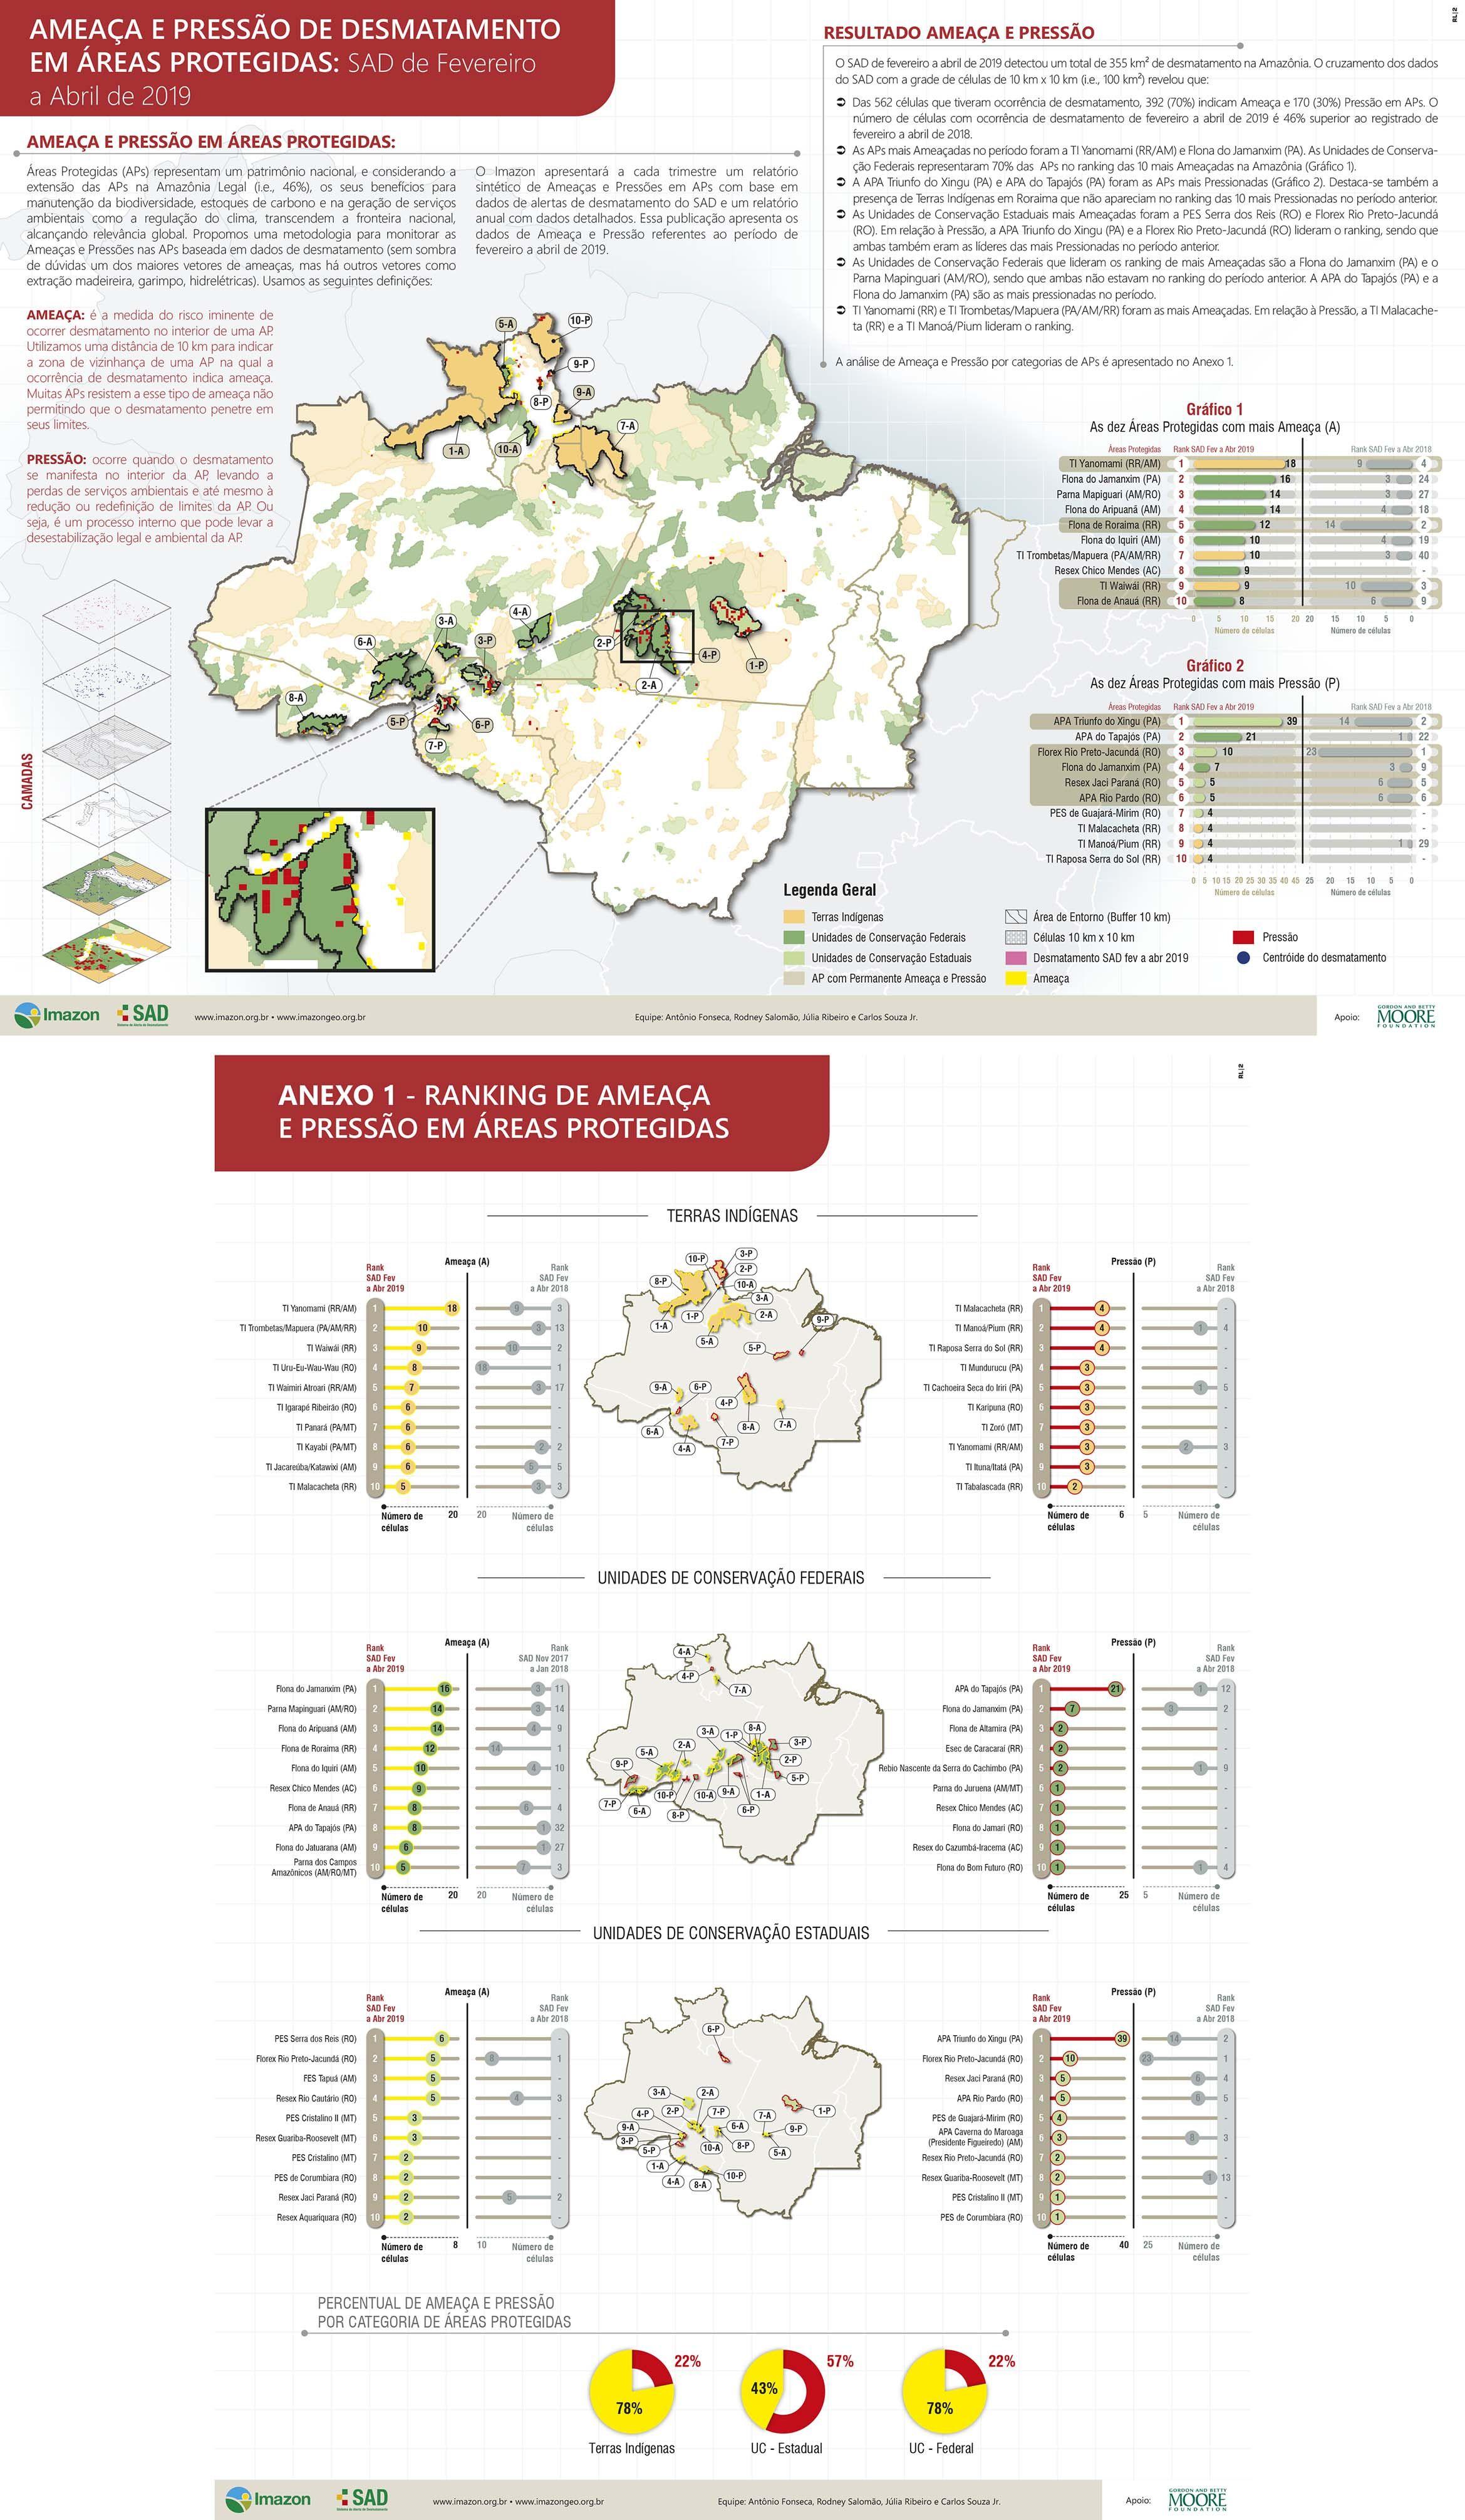 Áreas Protegidas na Amazônia estão sob risco com atividades ilegais